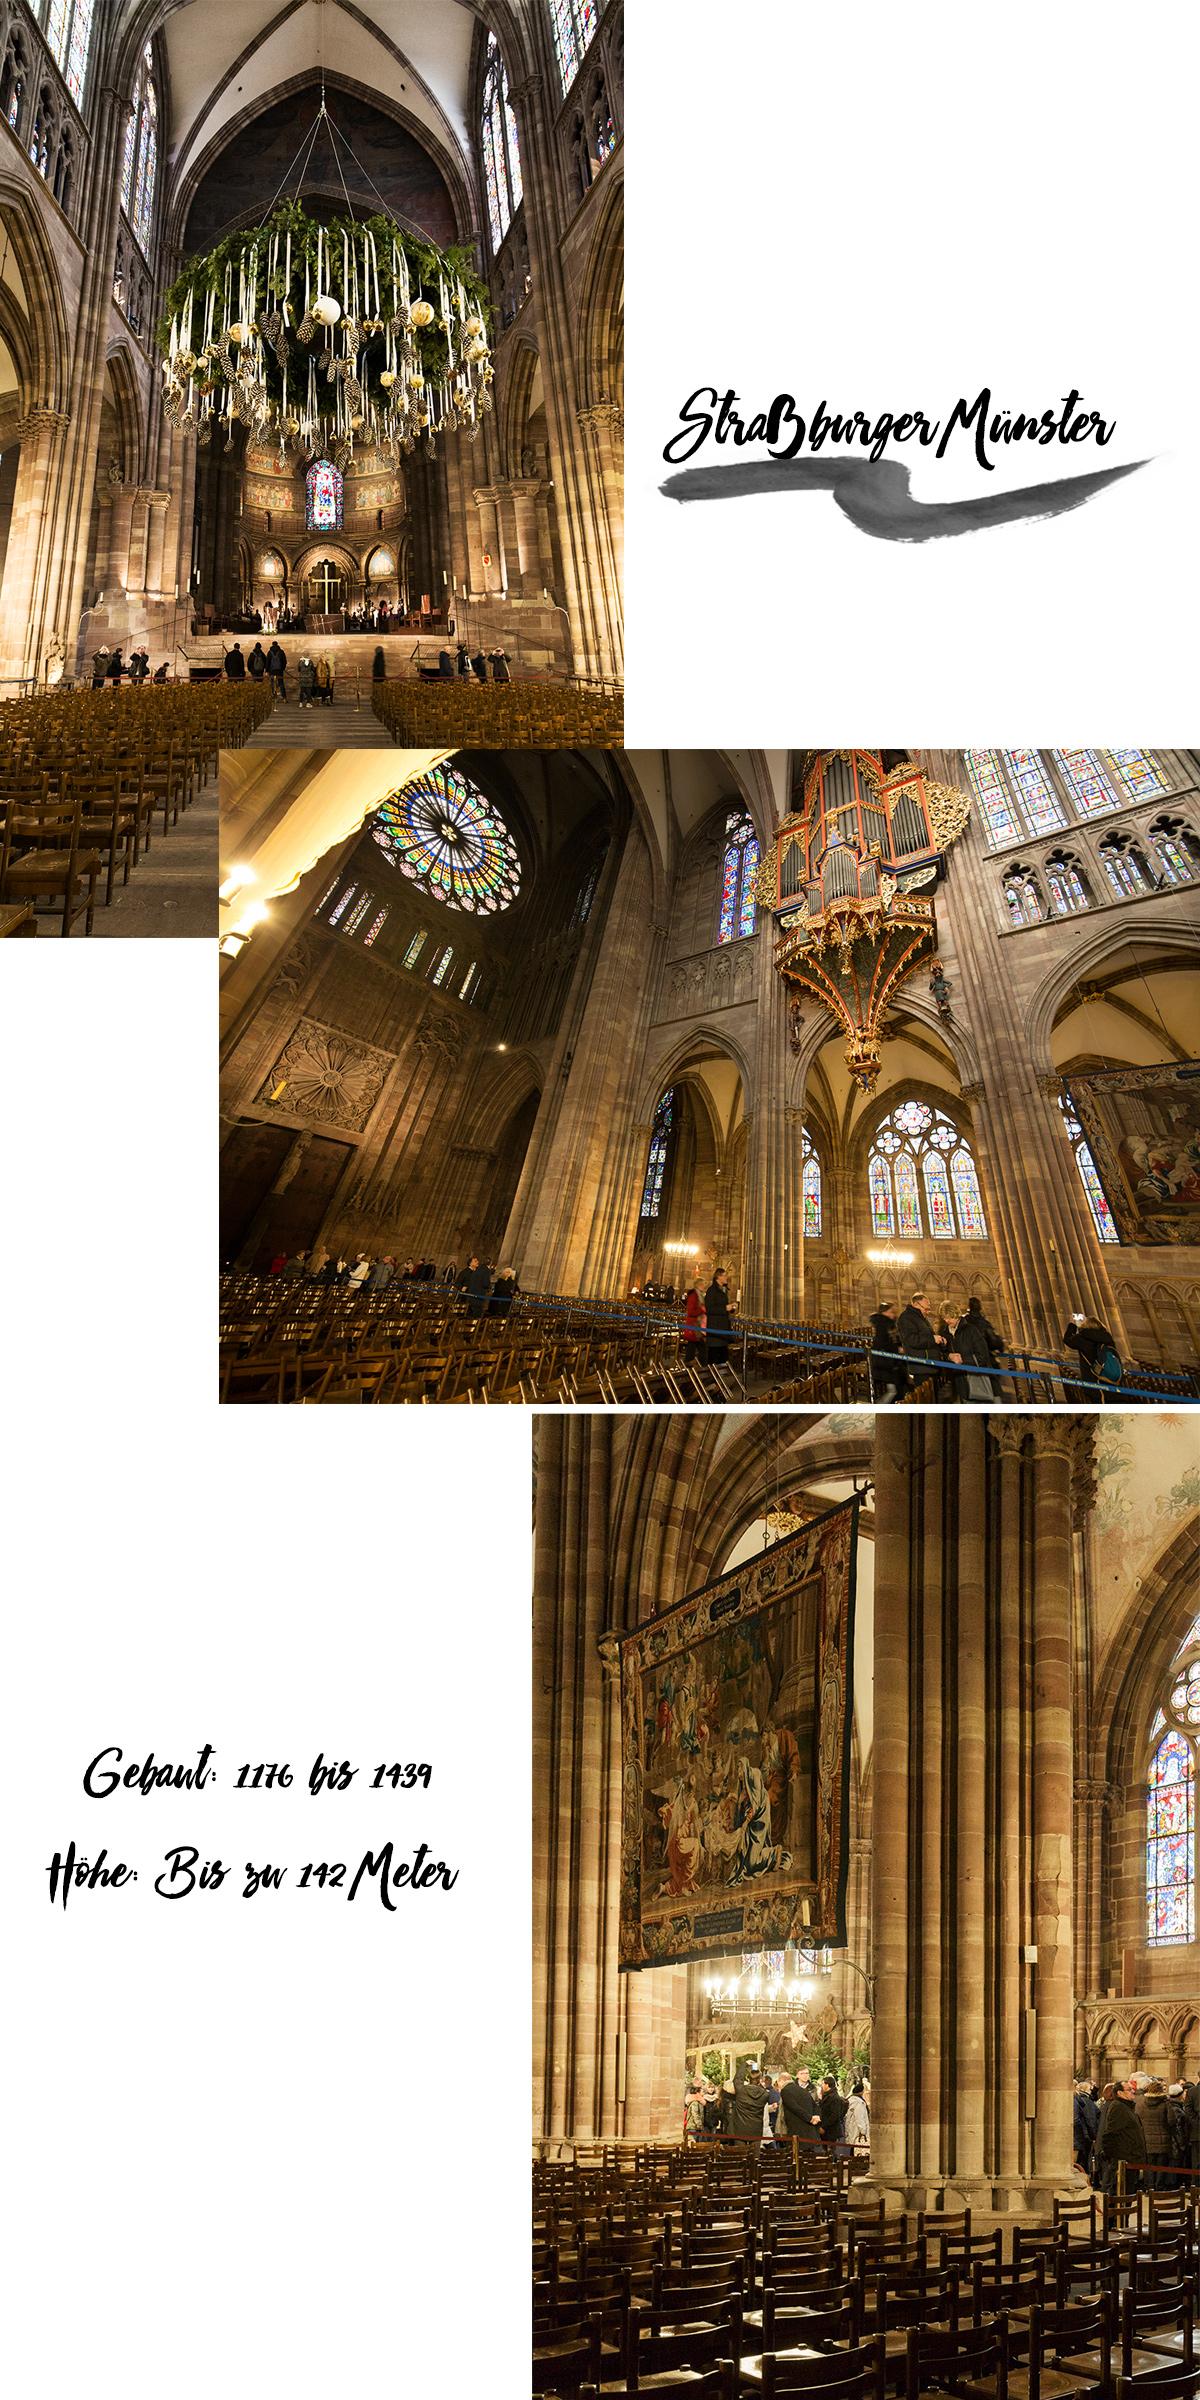 Bild: Staßburger Münster, Liebfrauenmünster, Cathedrale Notre Dame de Strasbourg, France, Frankreich, Blogger, Reisebericht